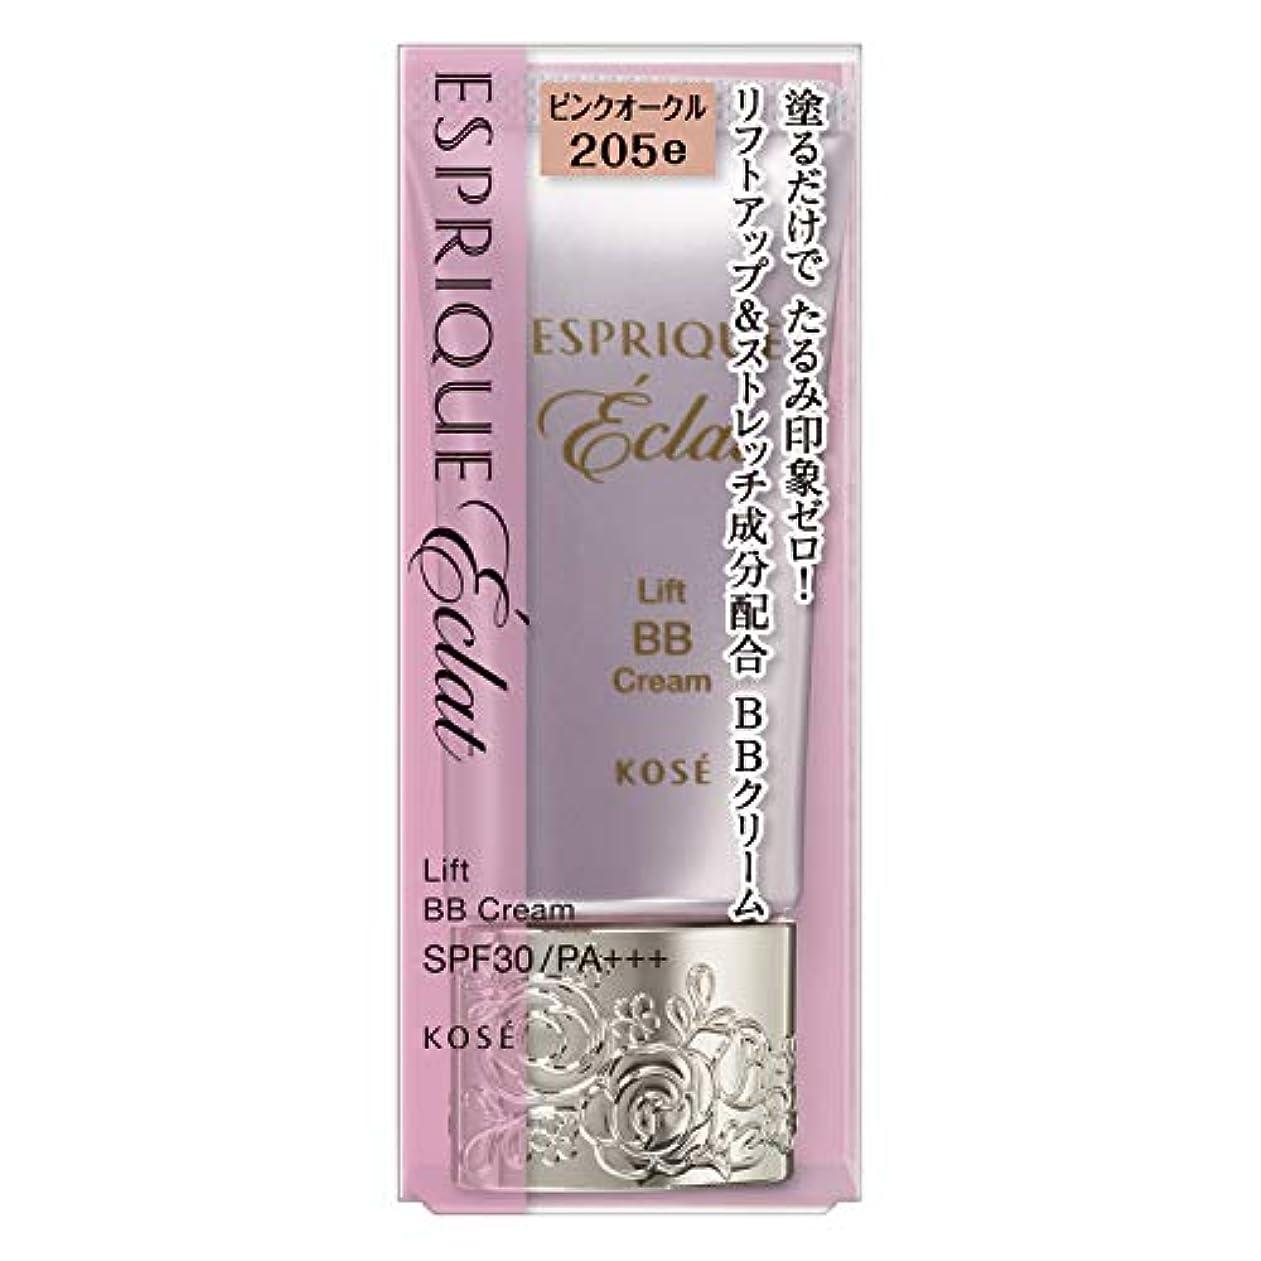 真面目なに話す散髪エスプリーク エクラ リフト BB クリーム PO205e ピンクオークル 30g